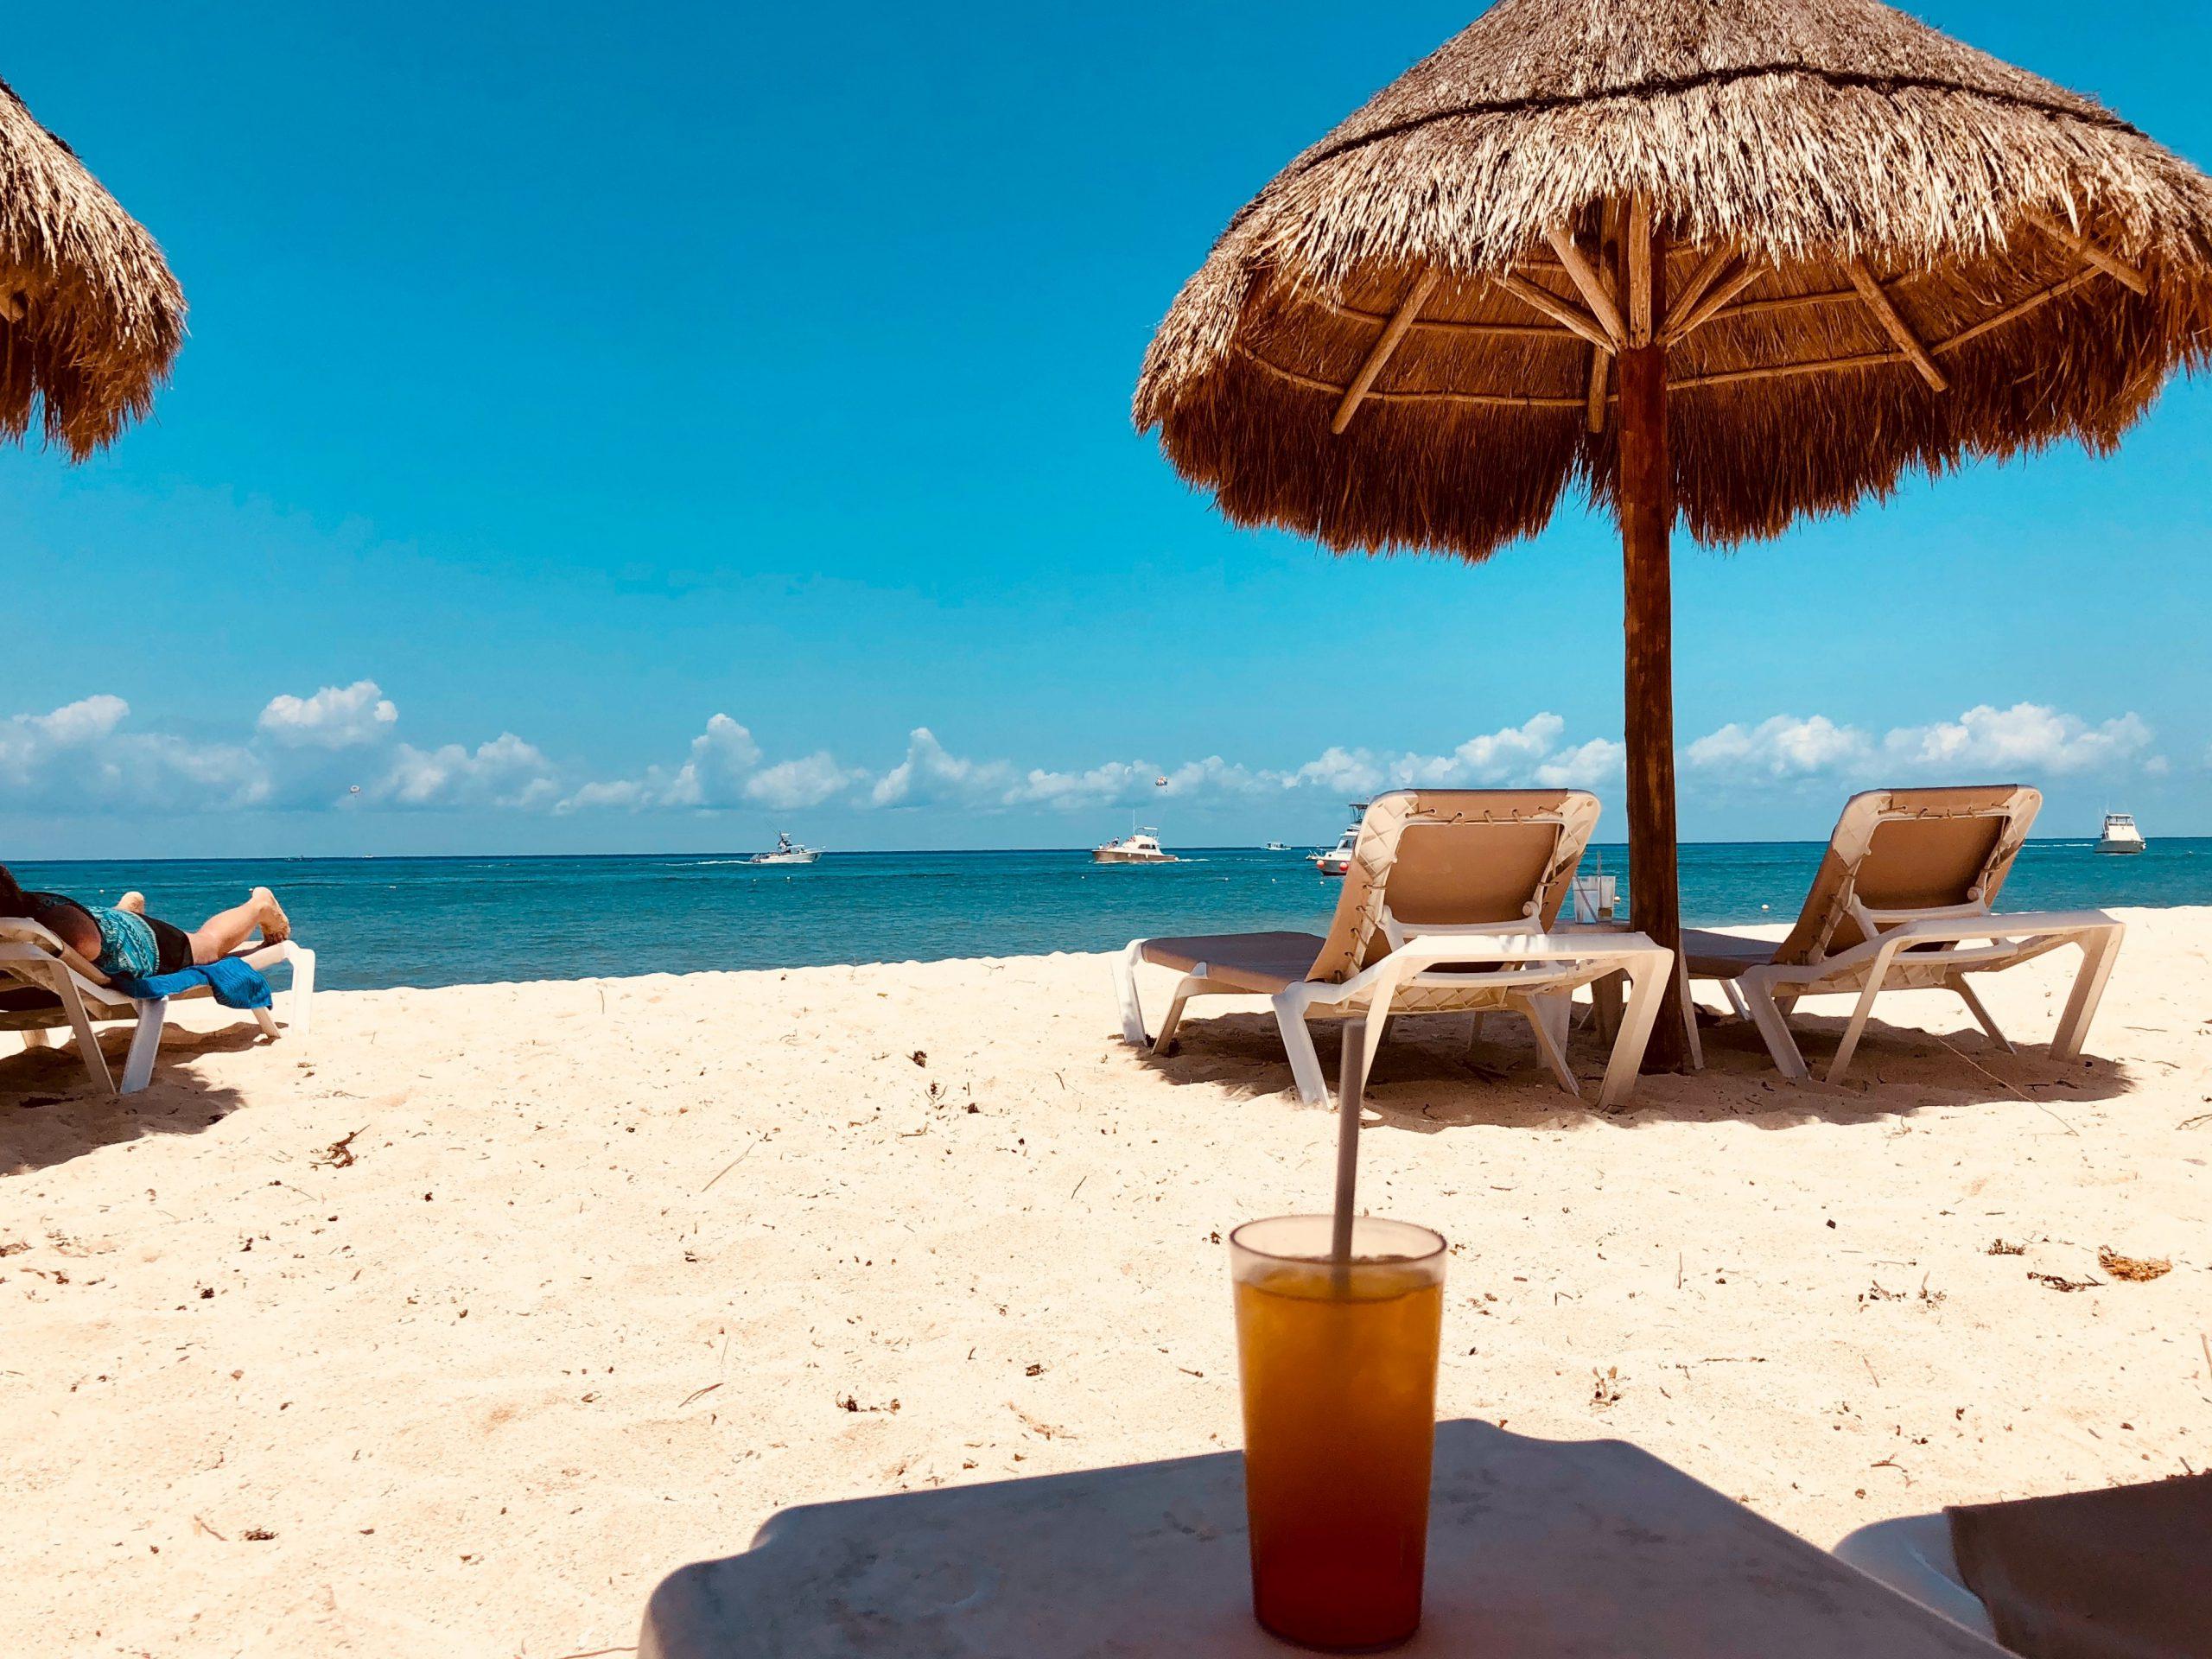 Strandtag in der Karibik